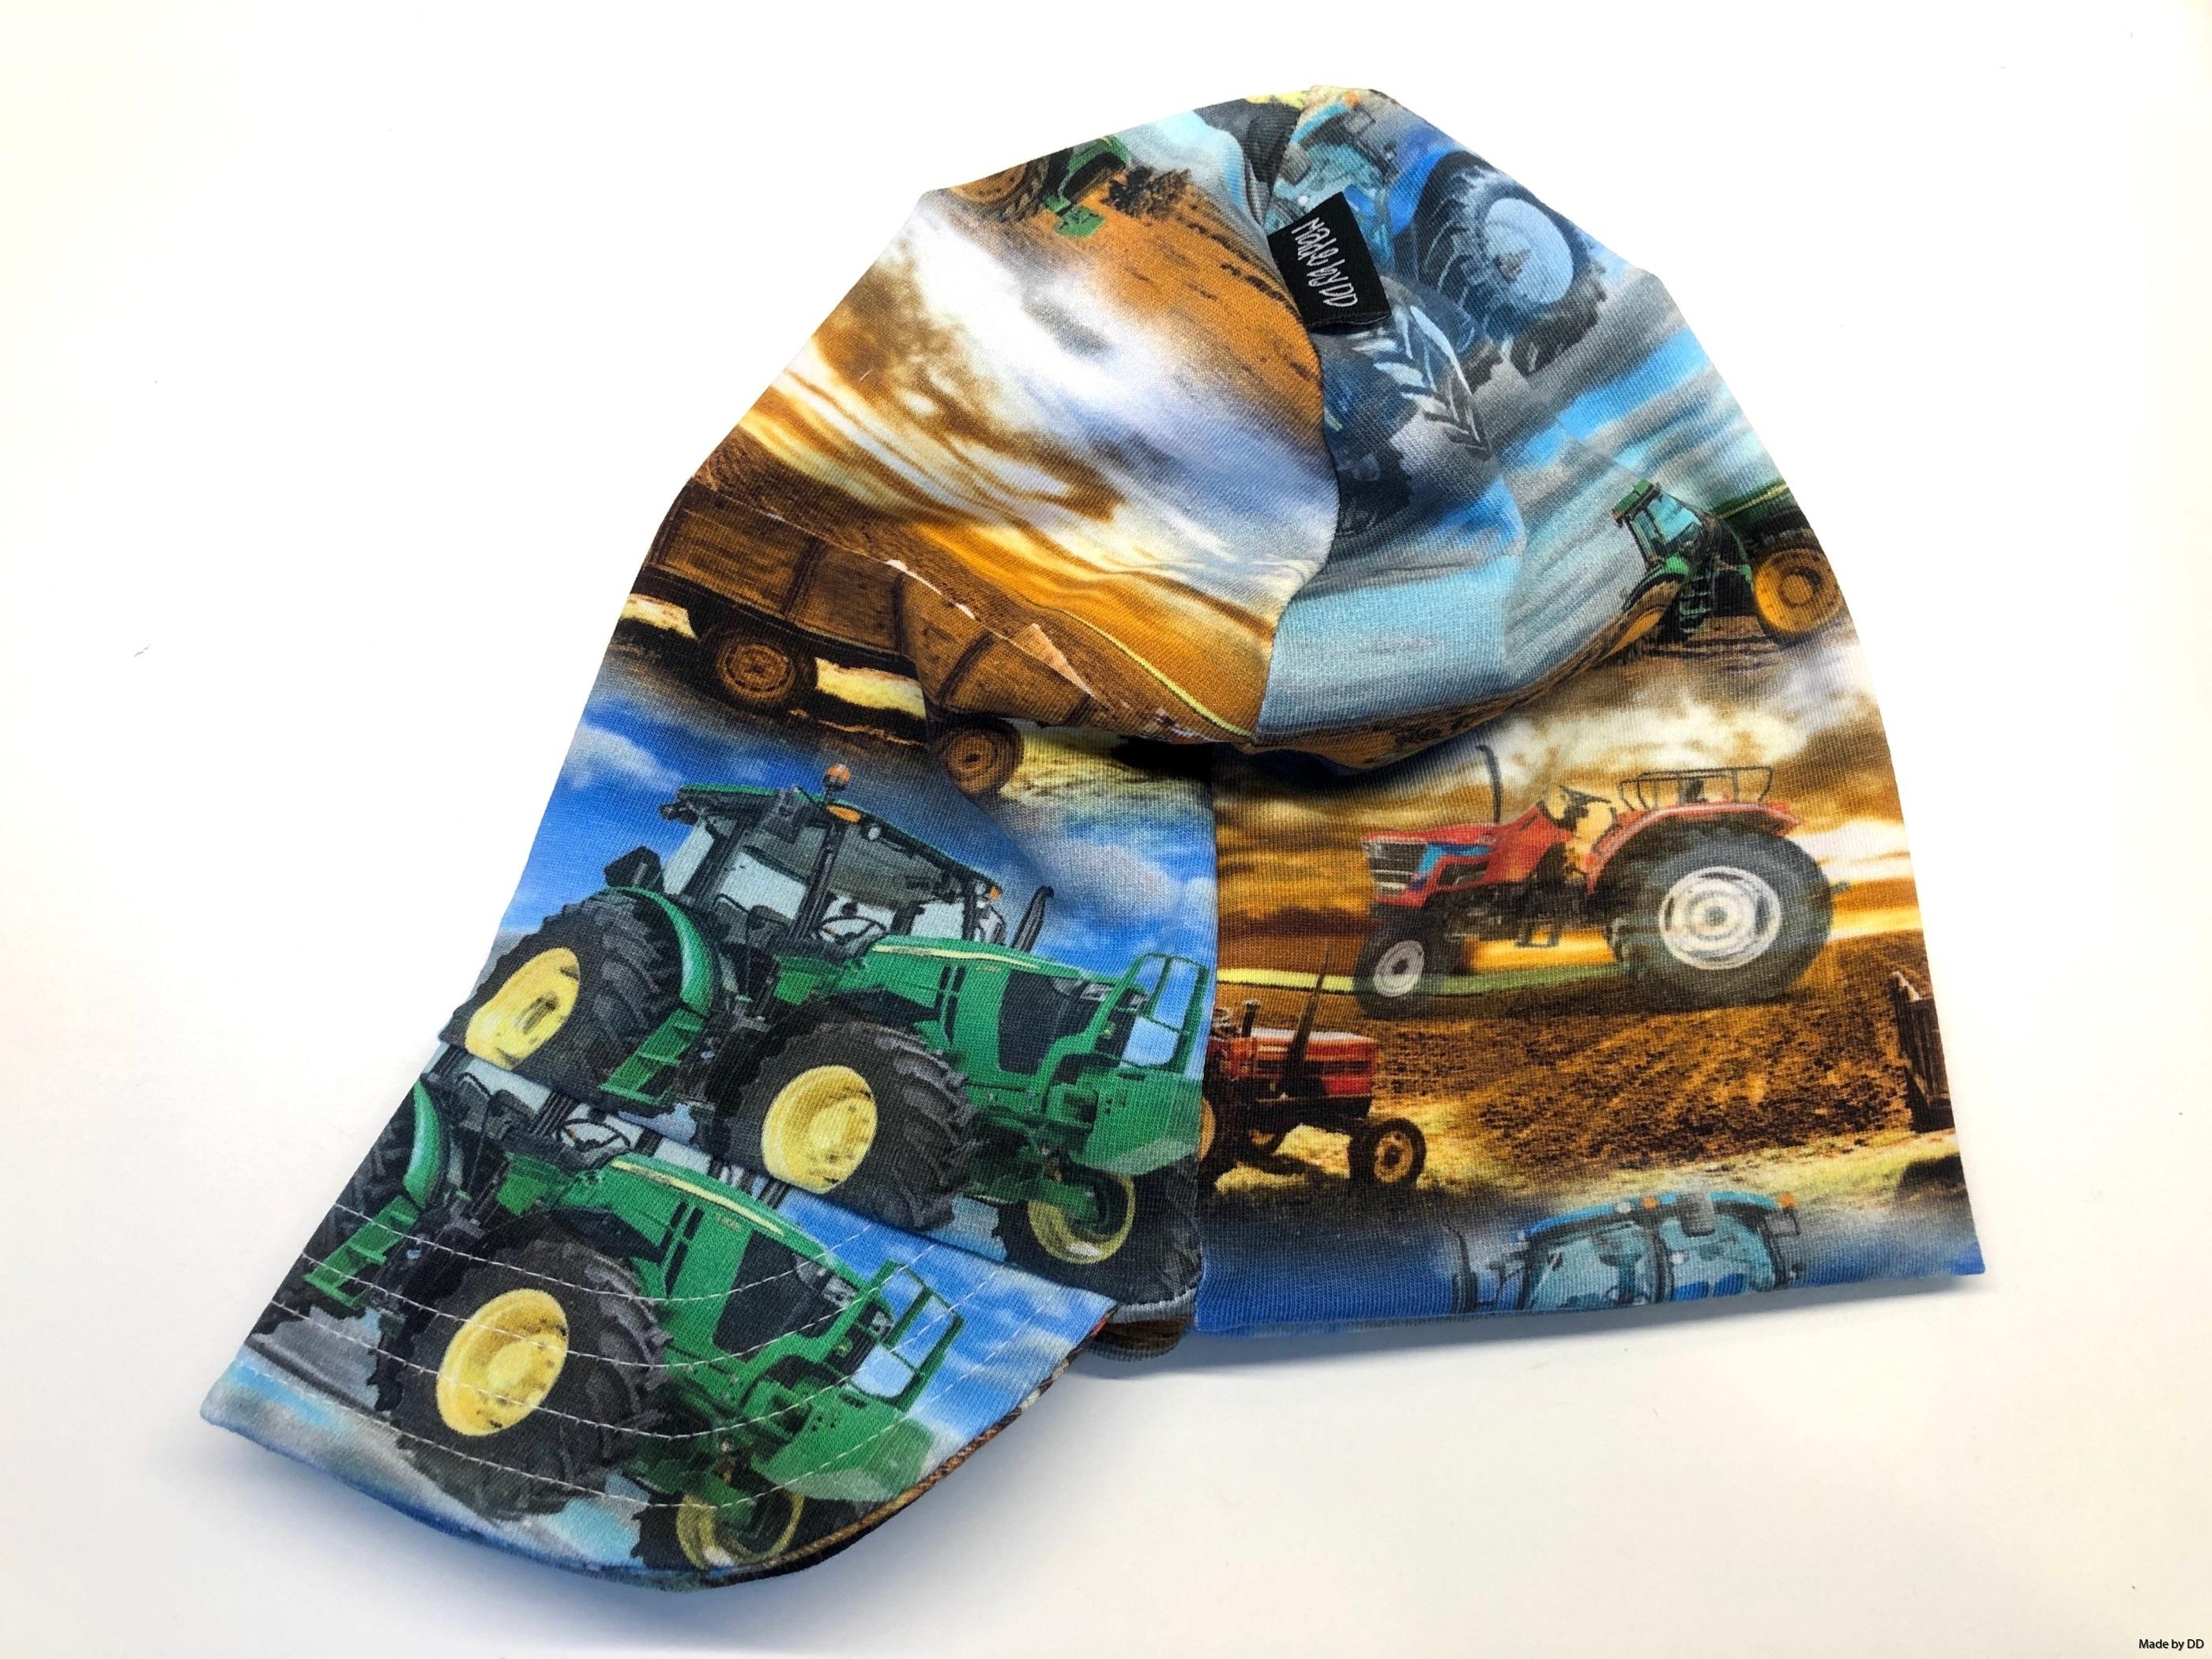 Meps kepsmössa traktor Made by DD ekologiska kläder barnkläder